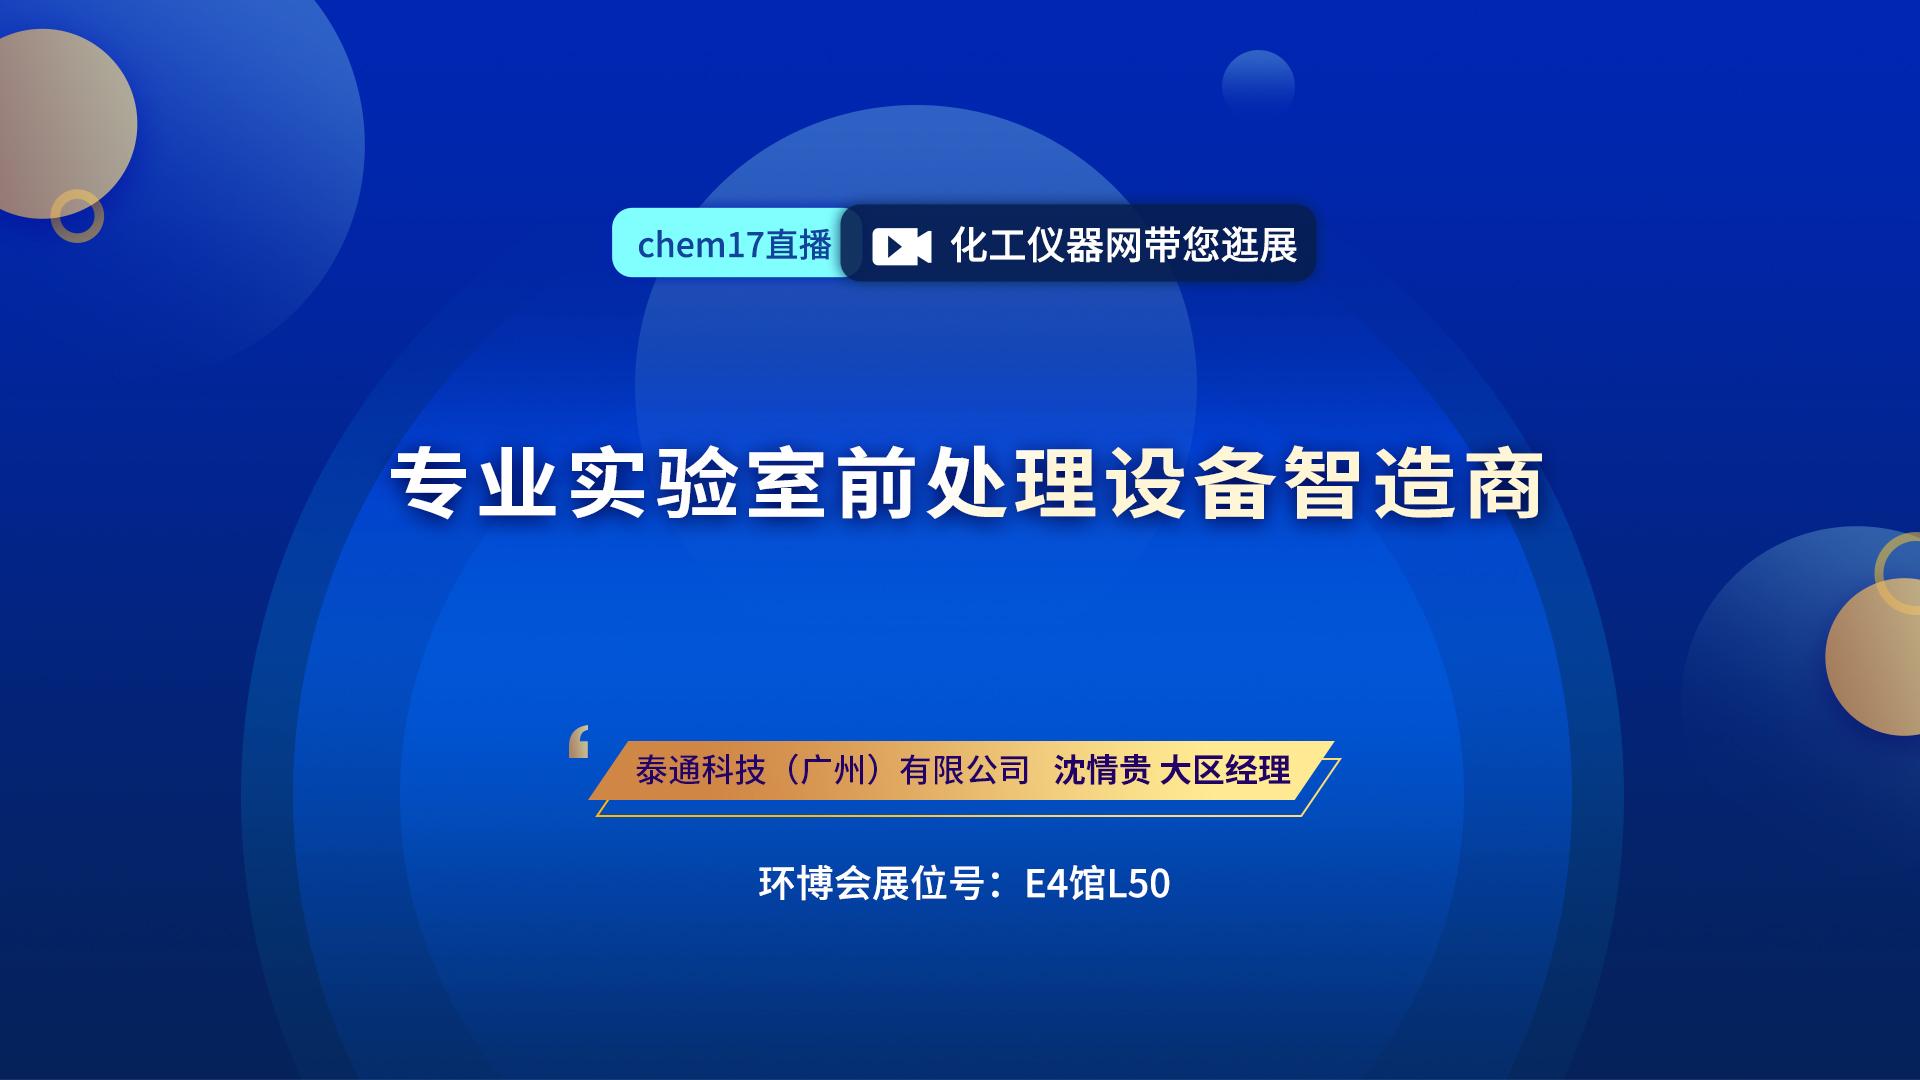 泰通科技(广州)有限公司精彩亮相2021环博会